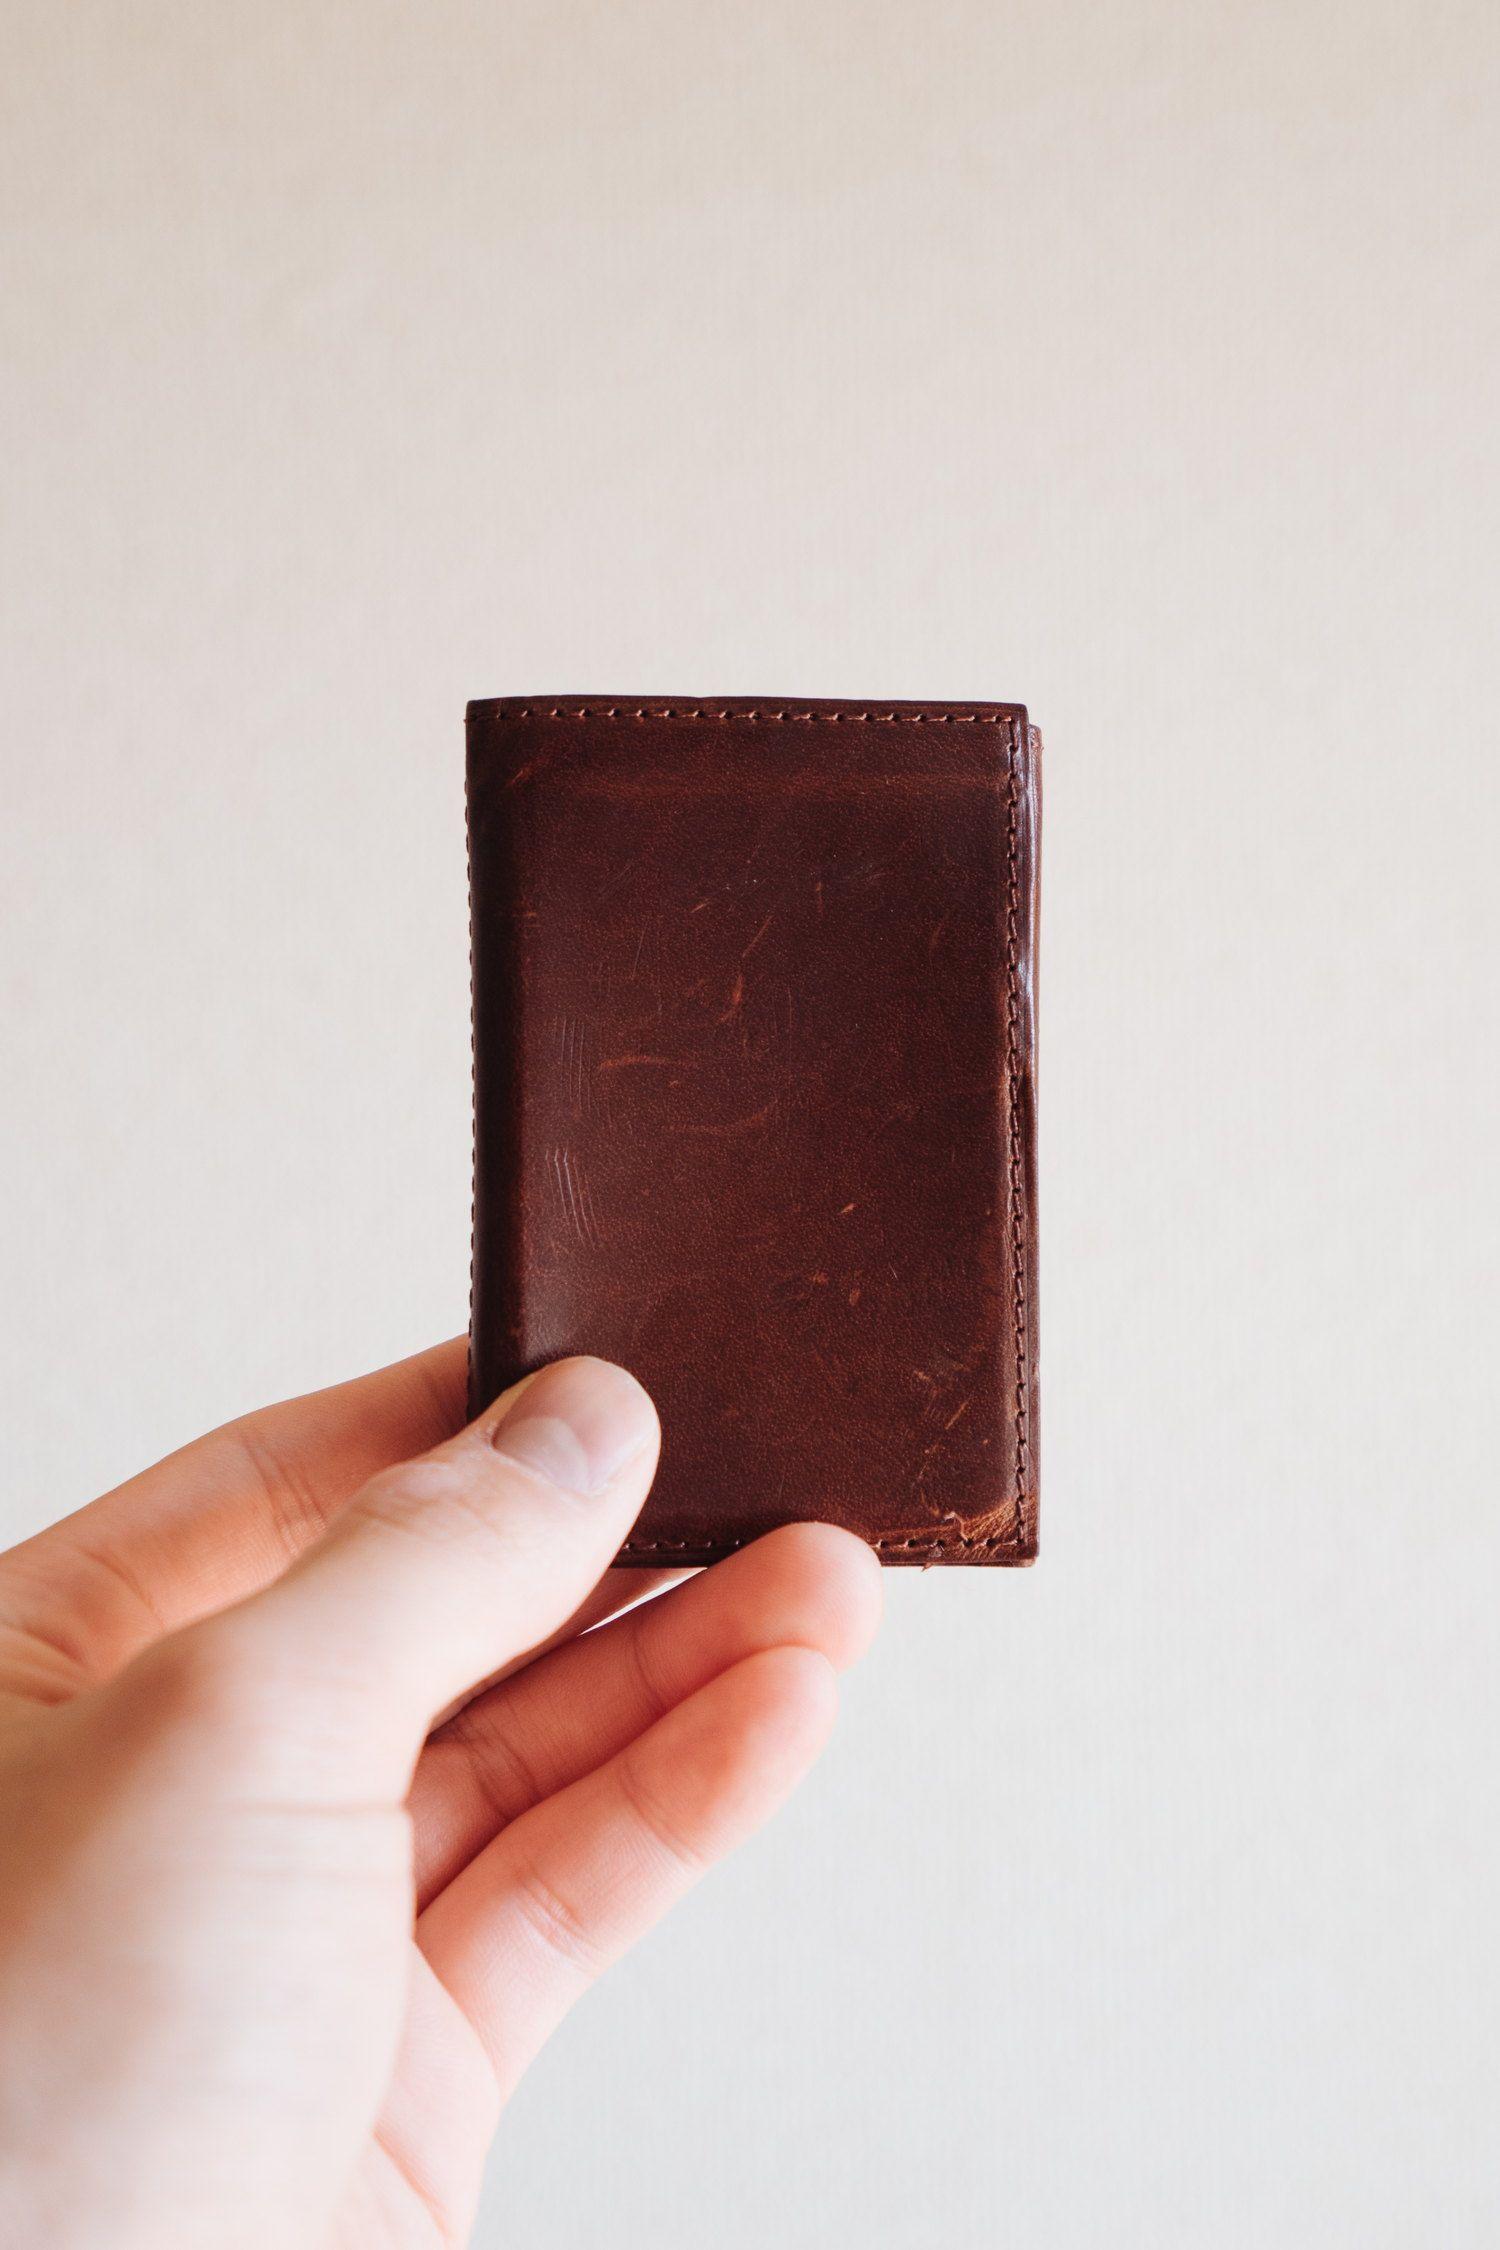 ミニマルな革財布 Presso プレッソ レビュー キャッシュレス時代にマッチする僕らの財布 革財布 財布 ミニマリストの財布